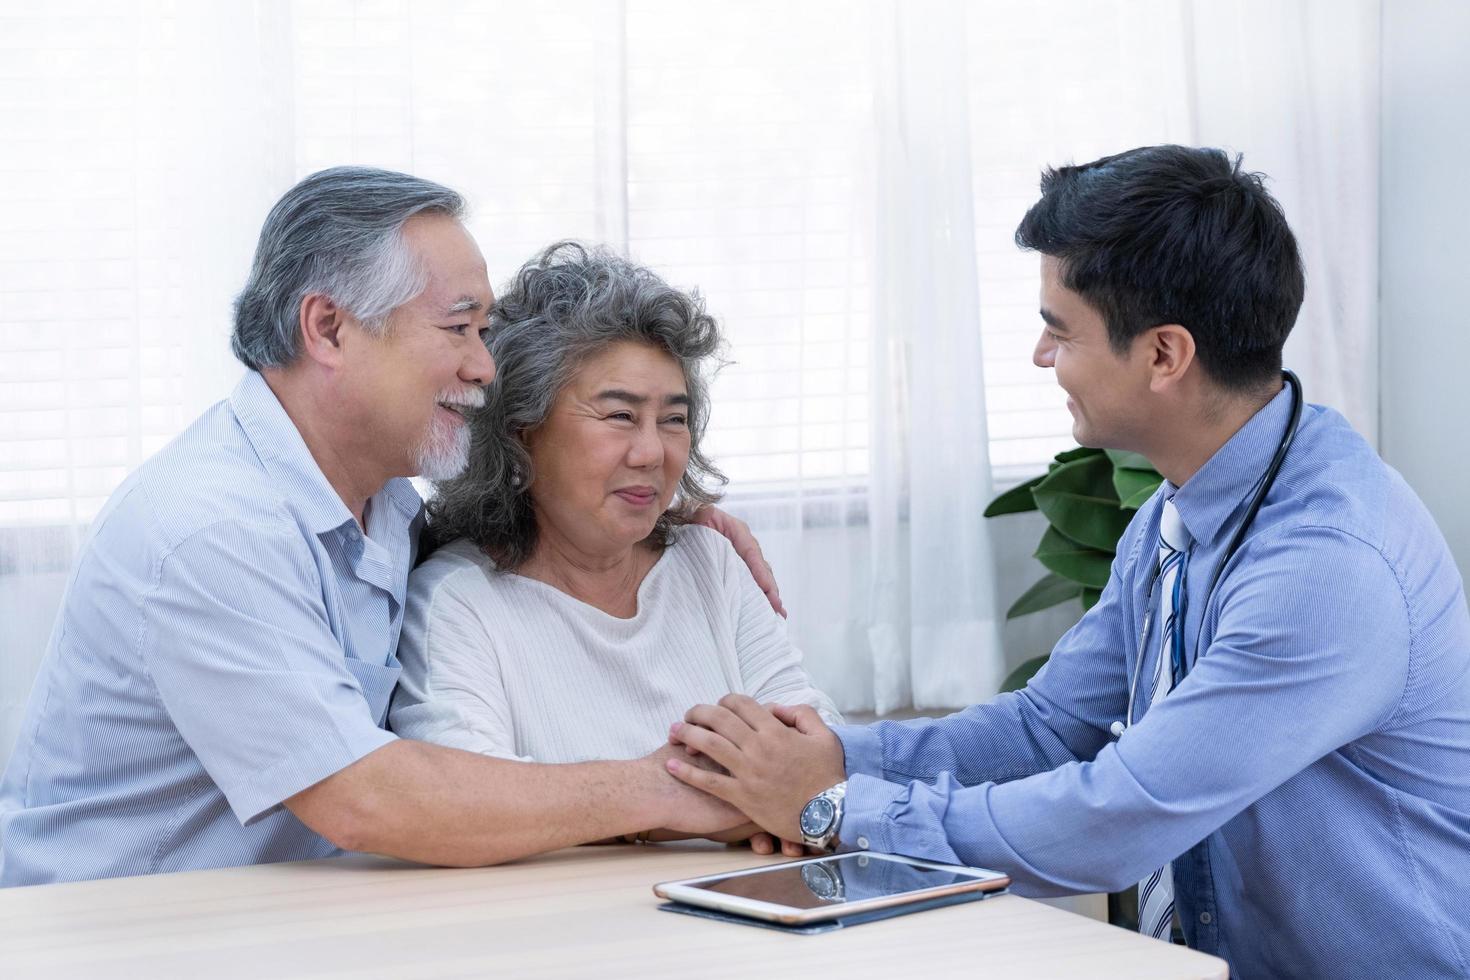 Ein älteres Ehepaar sitzt bei seinem Arzt foto